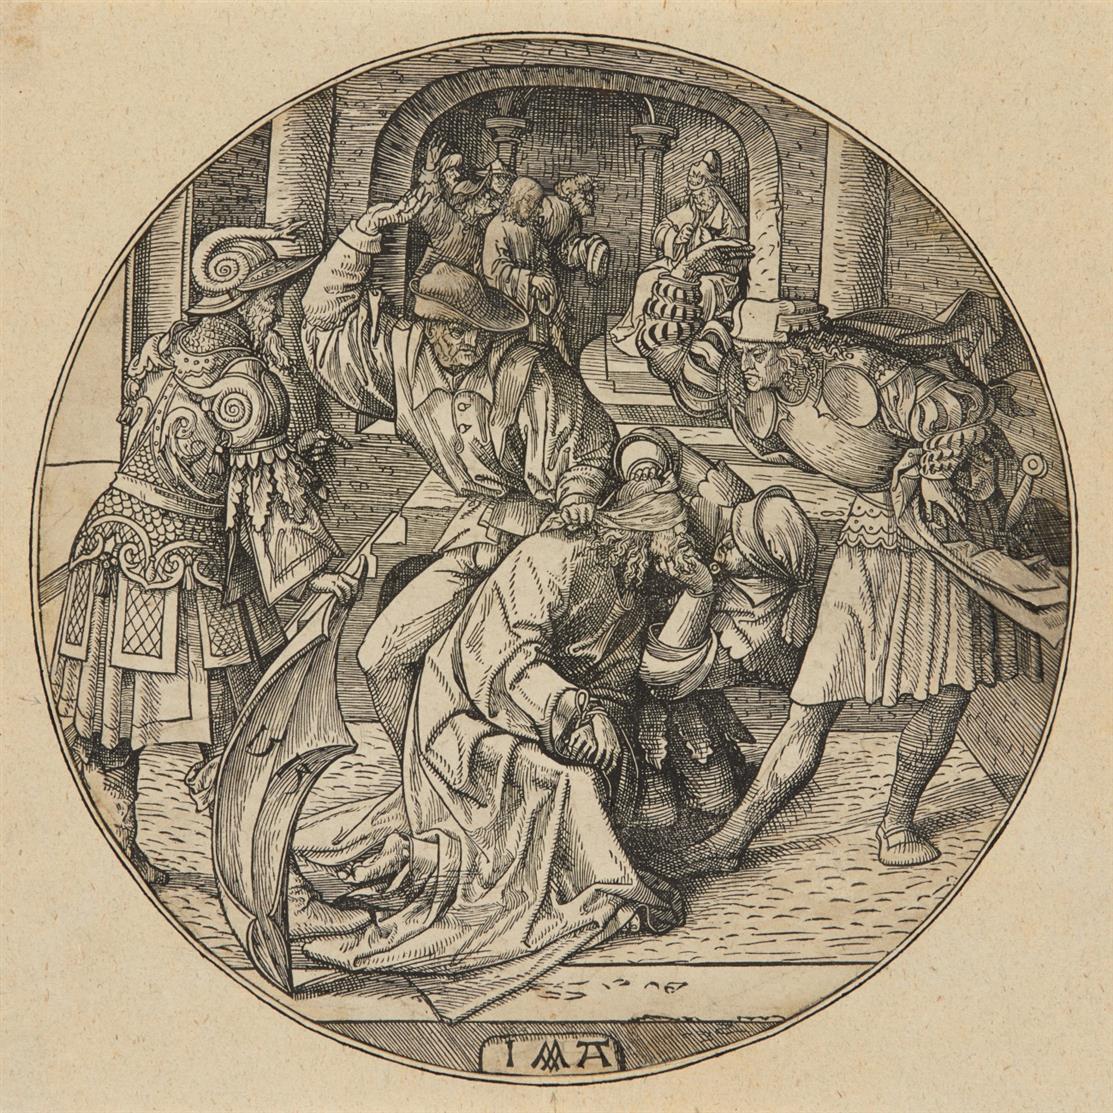 Jacob Cornelisz van Oostsanen. Christus im Prätorium geschlagen. 1513. Holzschnitt im Rund. H. 71.